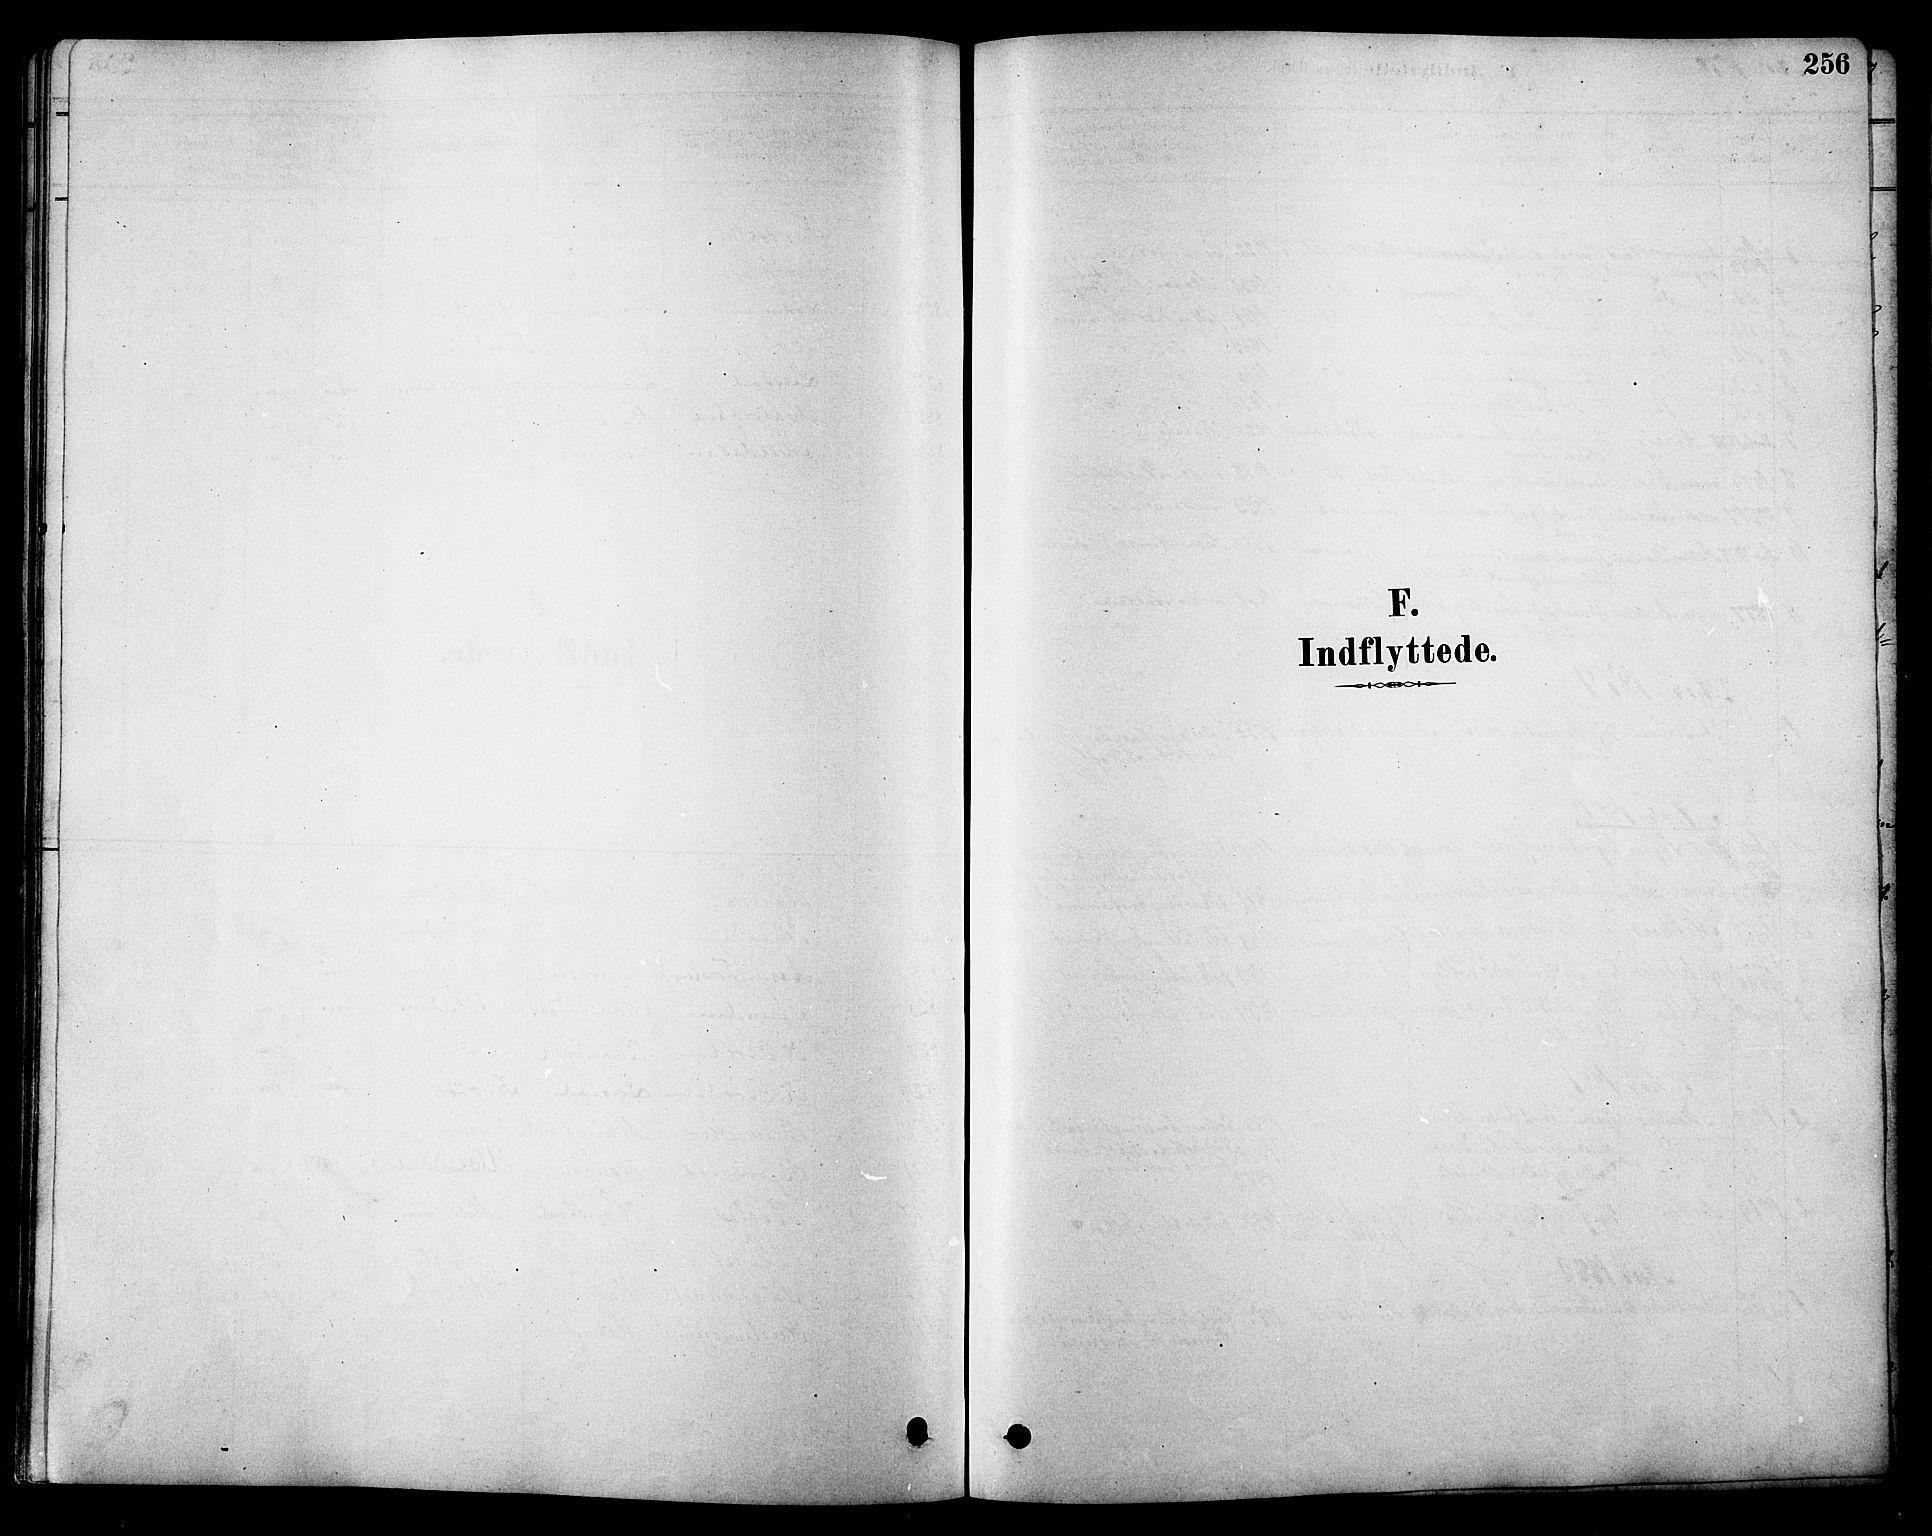 SAT, Ministerialprotokoller, klokkerbøker og fødselsregistre - Sør-Trøndelag, 616/L0423: Klokkerbok nr. 616C06, 1878-1903, s. 256